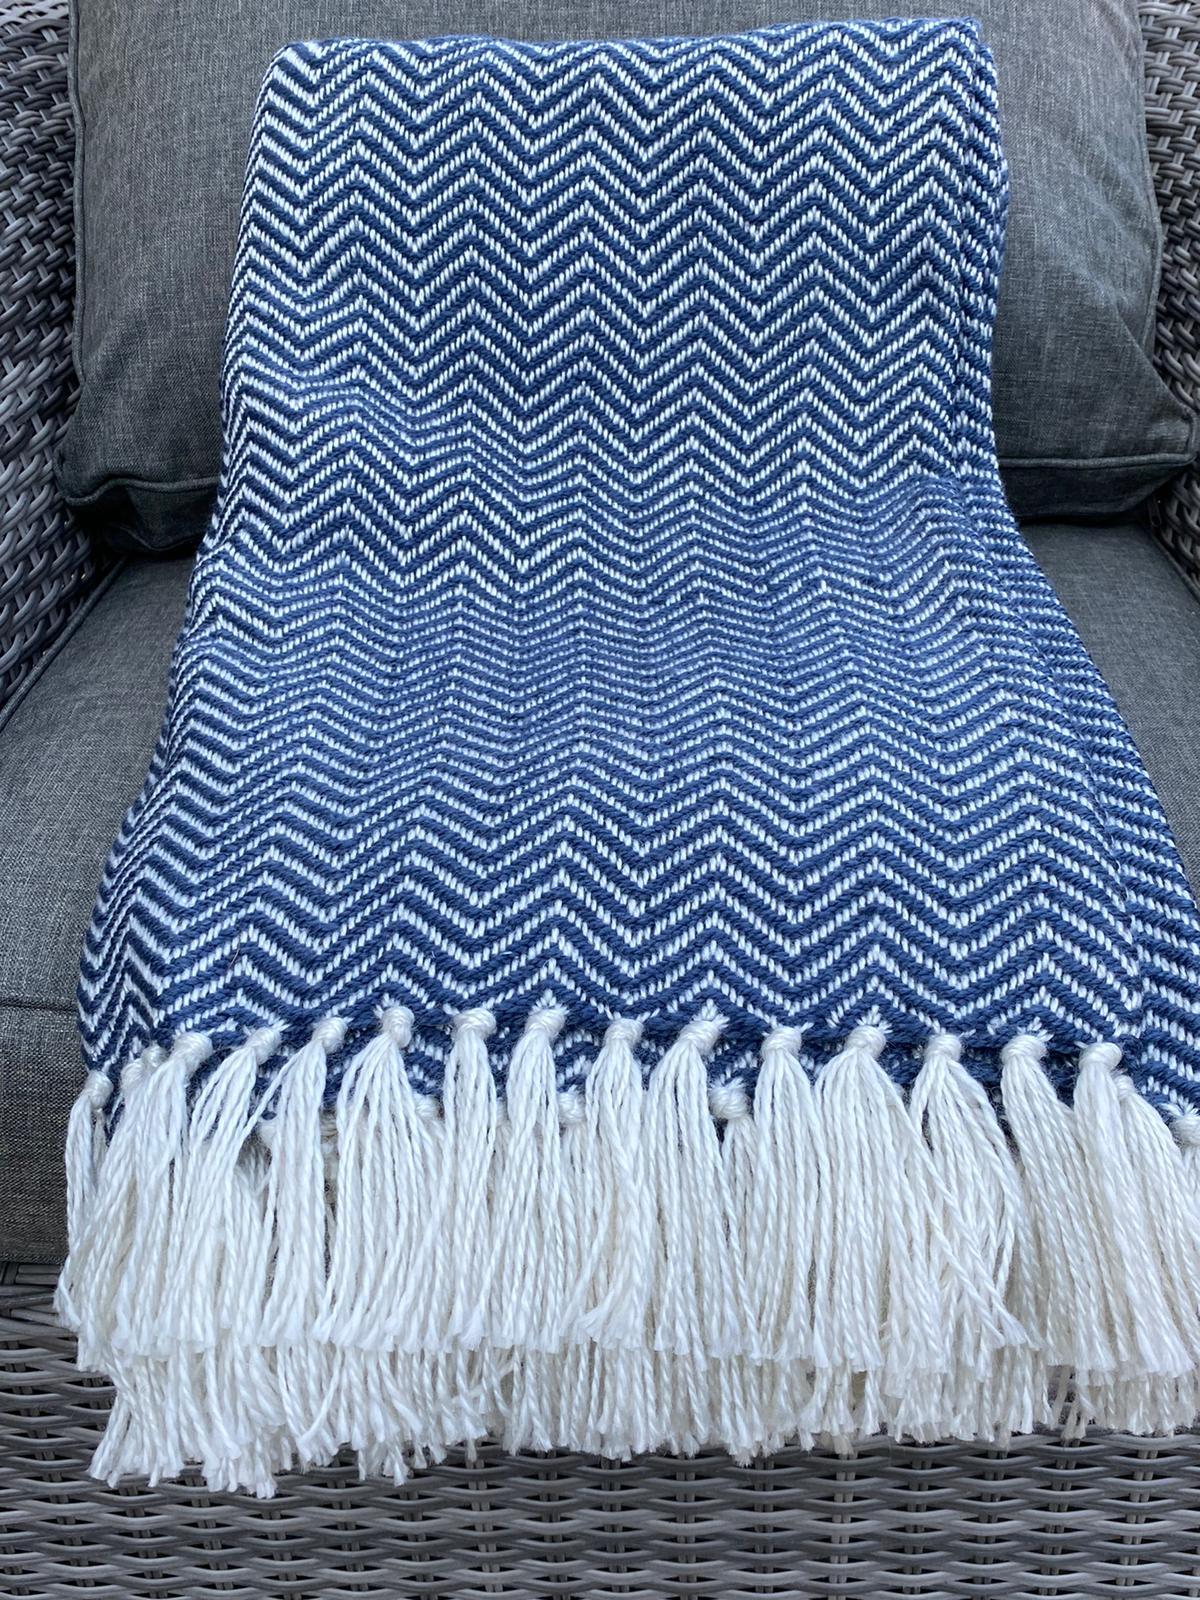 Weaver Green Herringbone Blanket - Navy